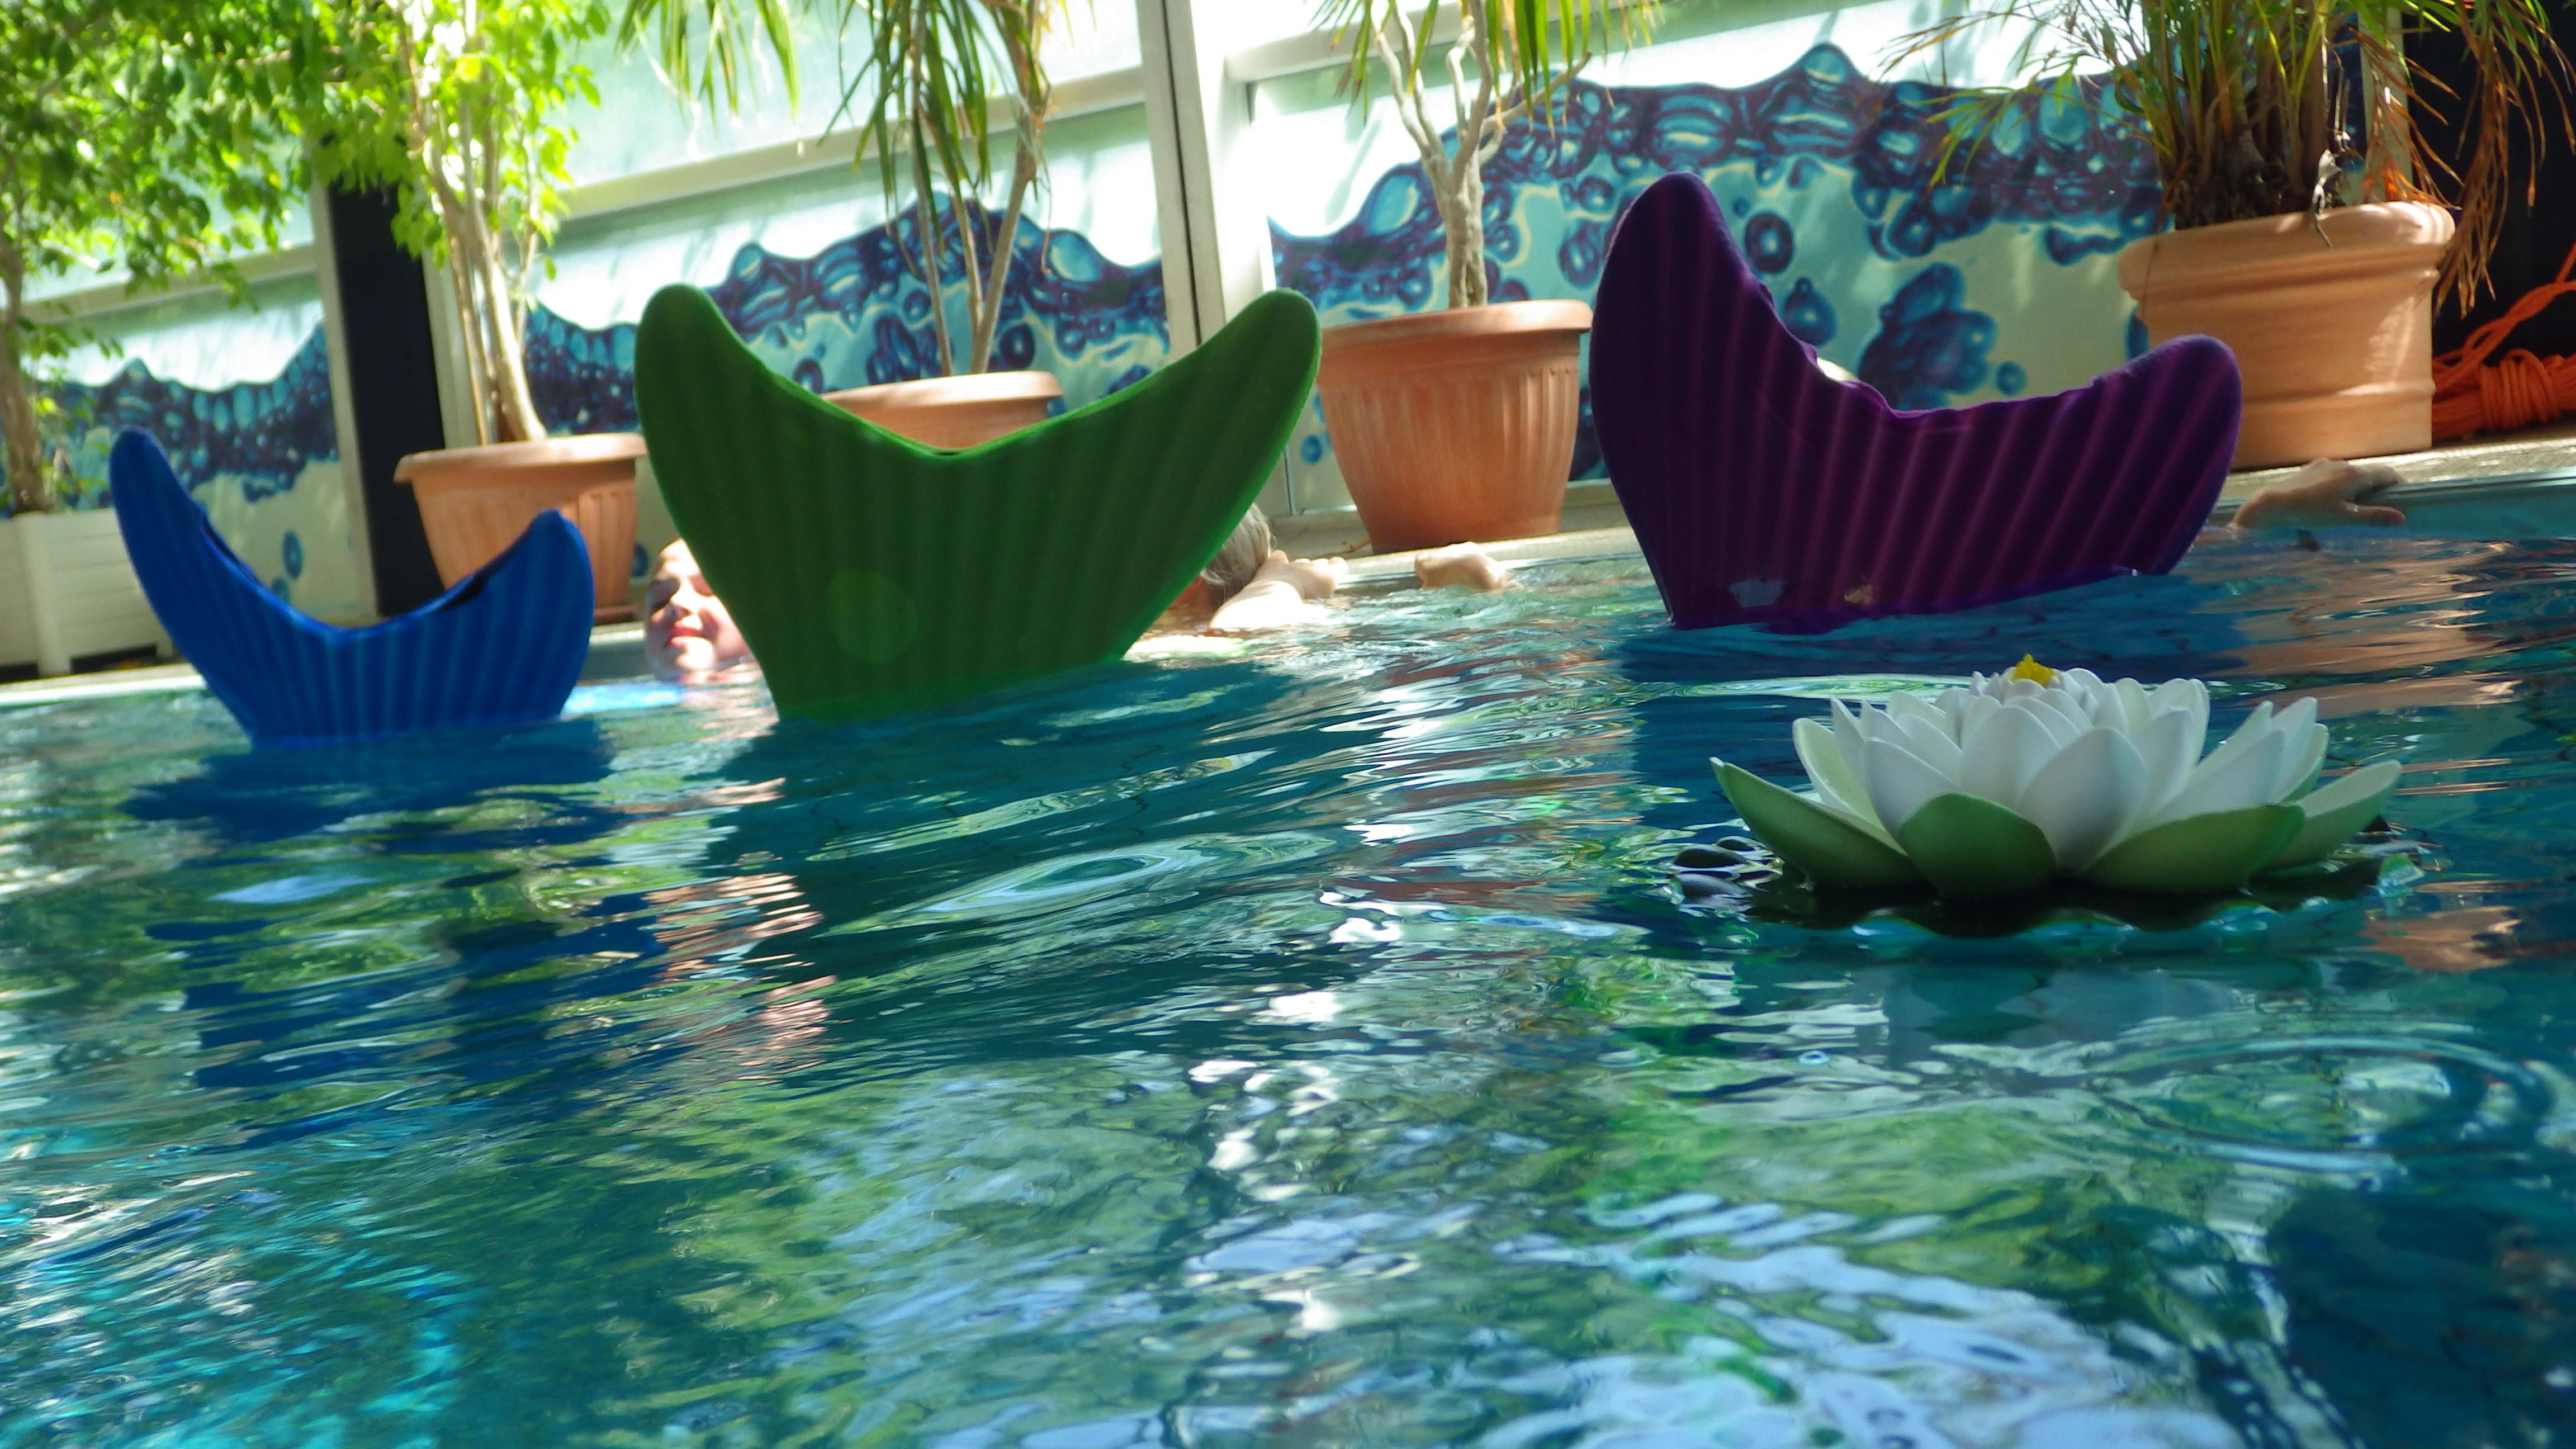 Mermaids im Wasser